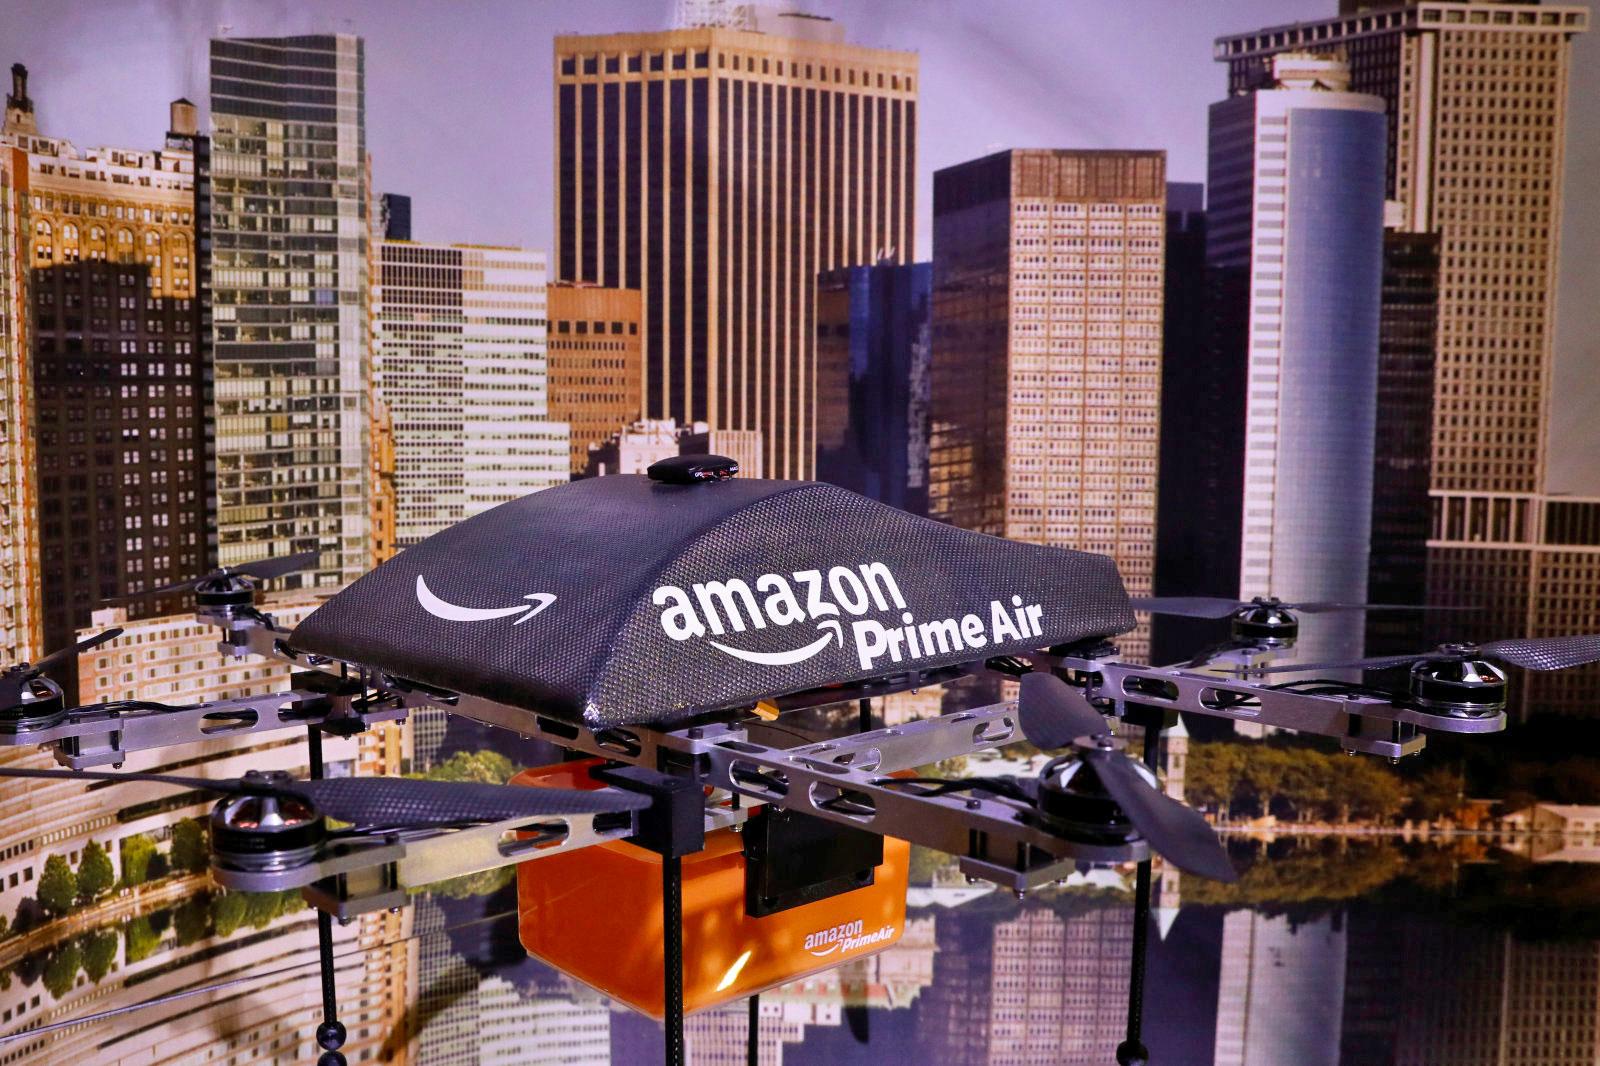 Máy bay không người lái giao hàng của Amazon có khả năng tự hủy. Ảnh: Engadget